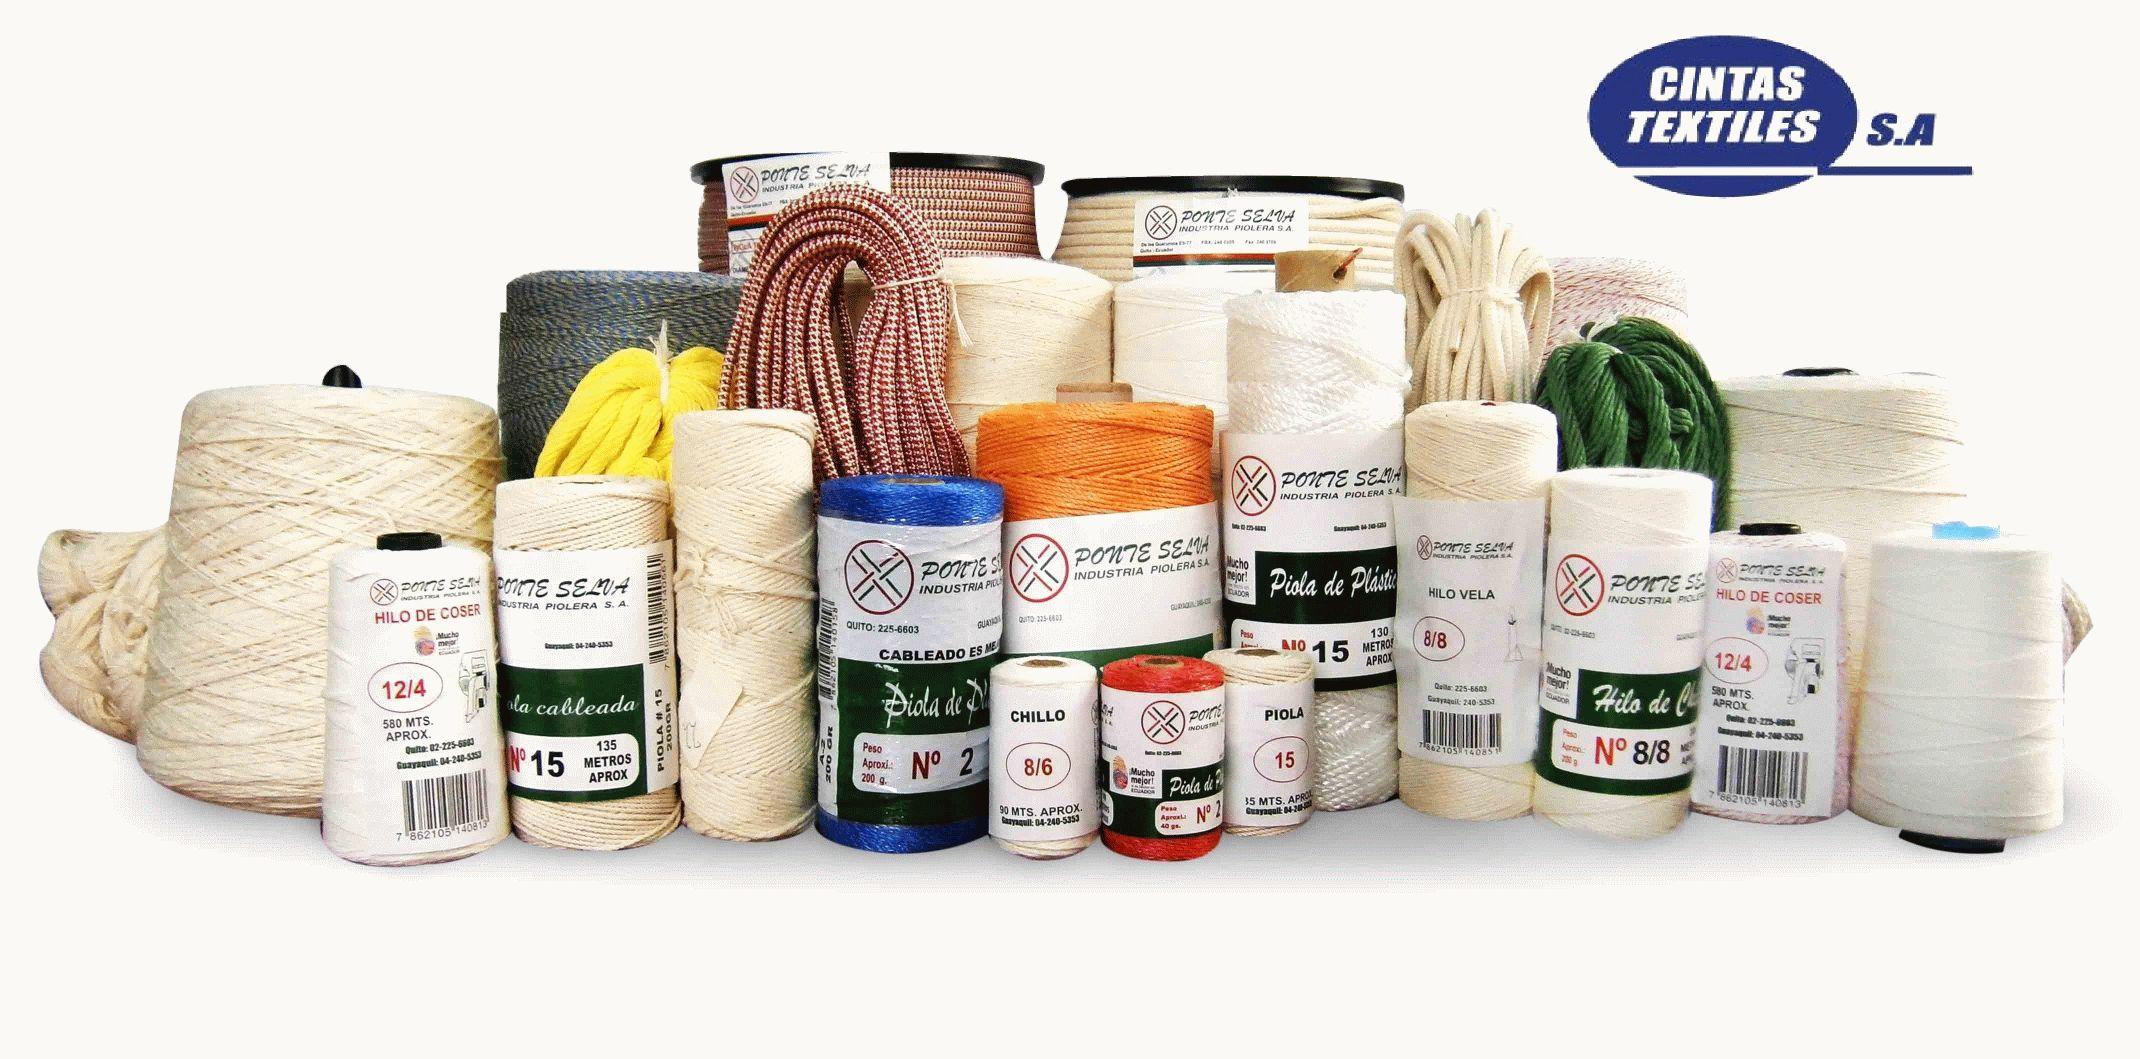 PIOLAS - Diversos tipos de piola que suministramos